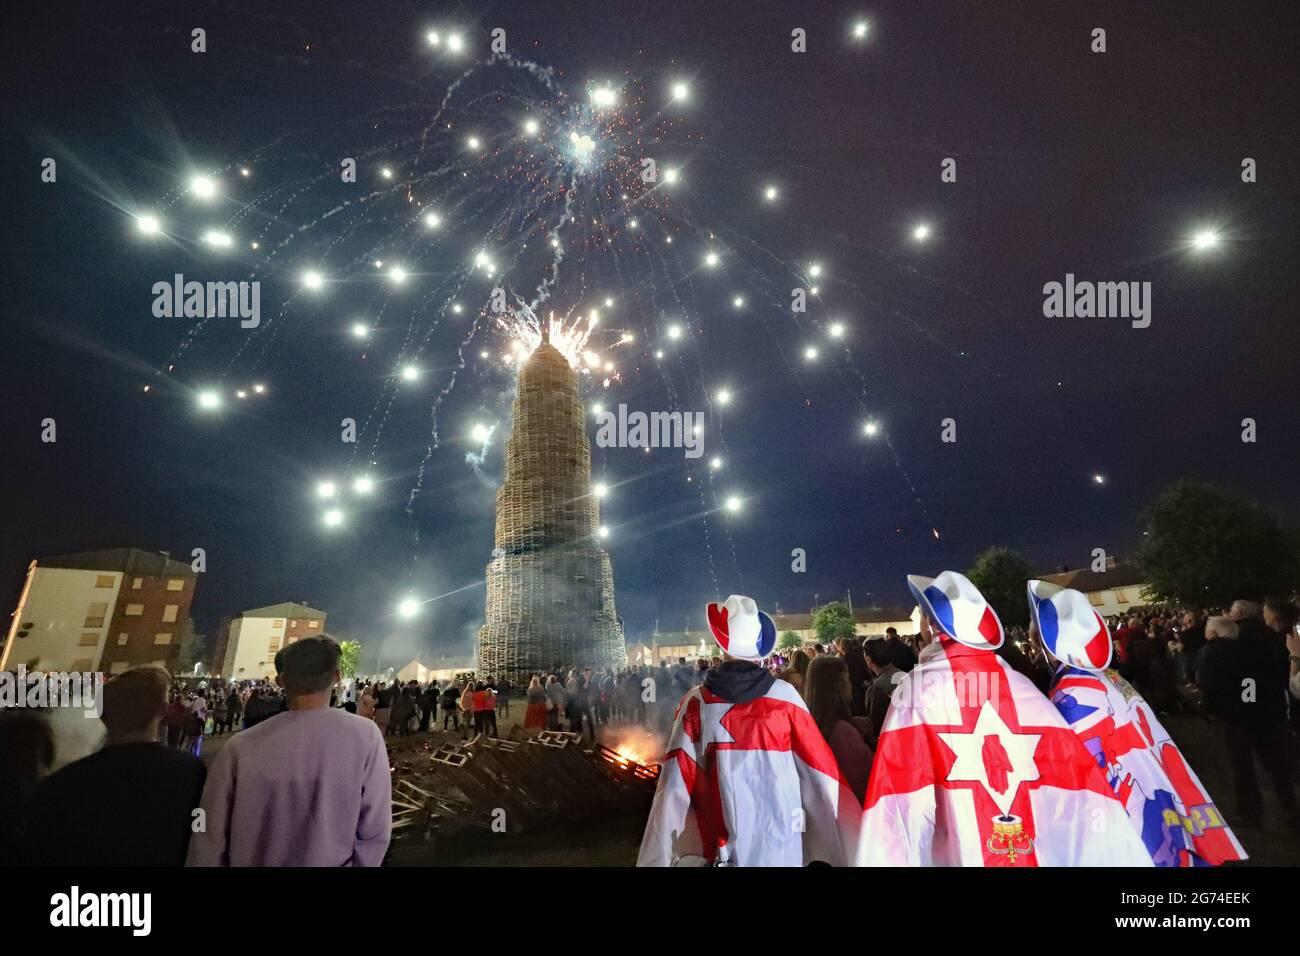 Menschenmengen beobachten ein Feuerwerk, bevor das riesige Lagerfeuer in der loyalistischen Corcrain-Gegend von Portadown, Co Armagh, in der elften Nacht angezündet wird, um die zwölften gedenkfeiern einzuläuten. Bilddatum: Samstag, 10. Juli 2021. Stockfoto